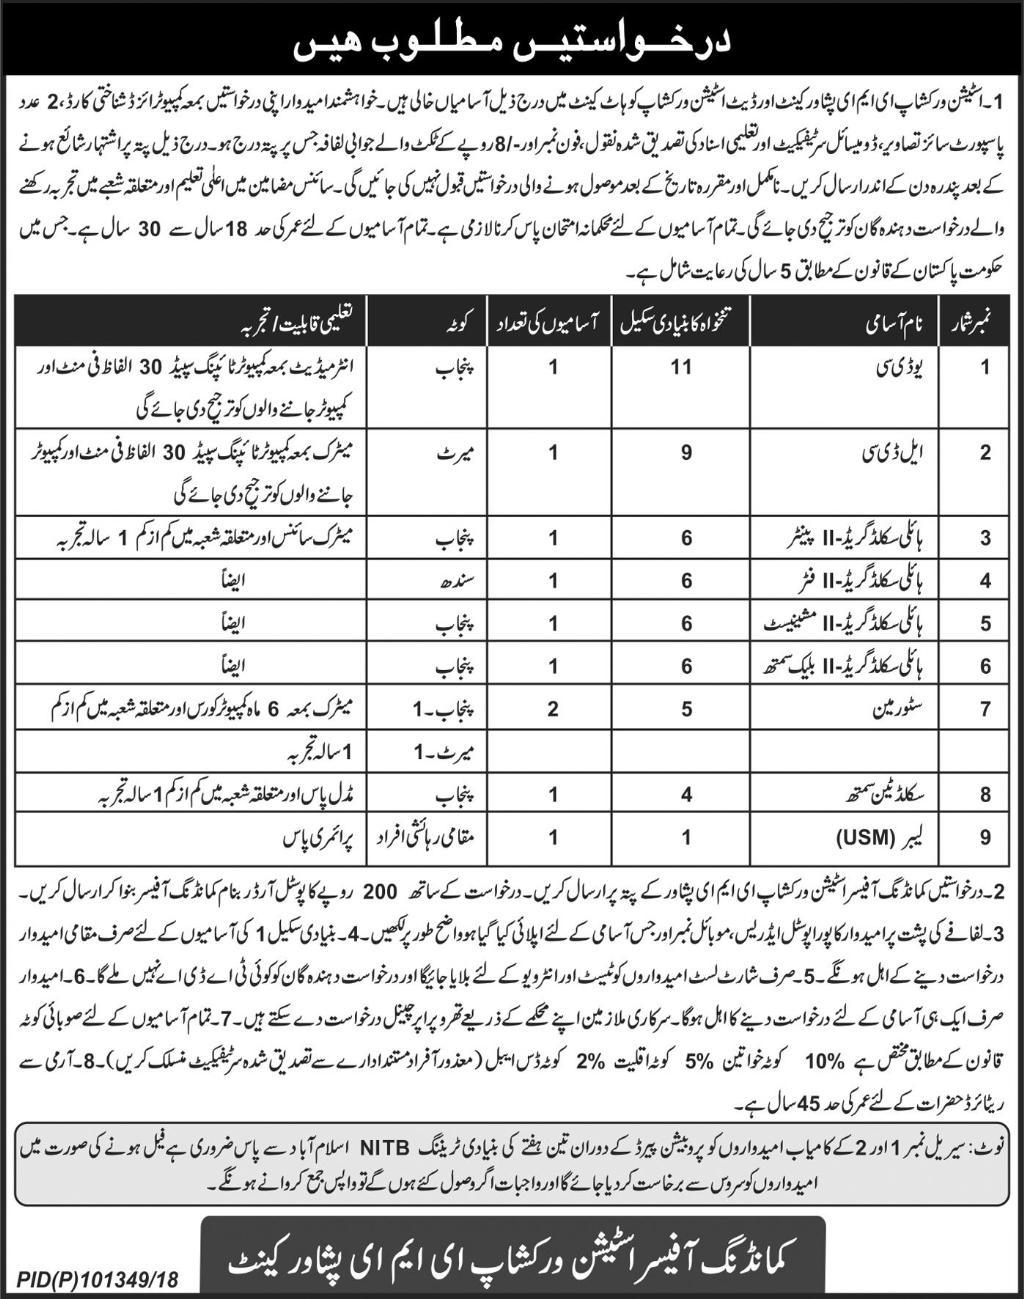 Station Workshop EME Peshawar Jobs 2018 Current Vacancies